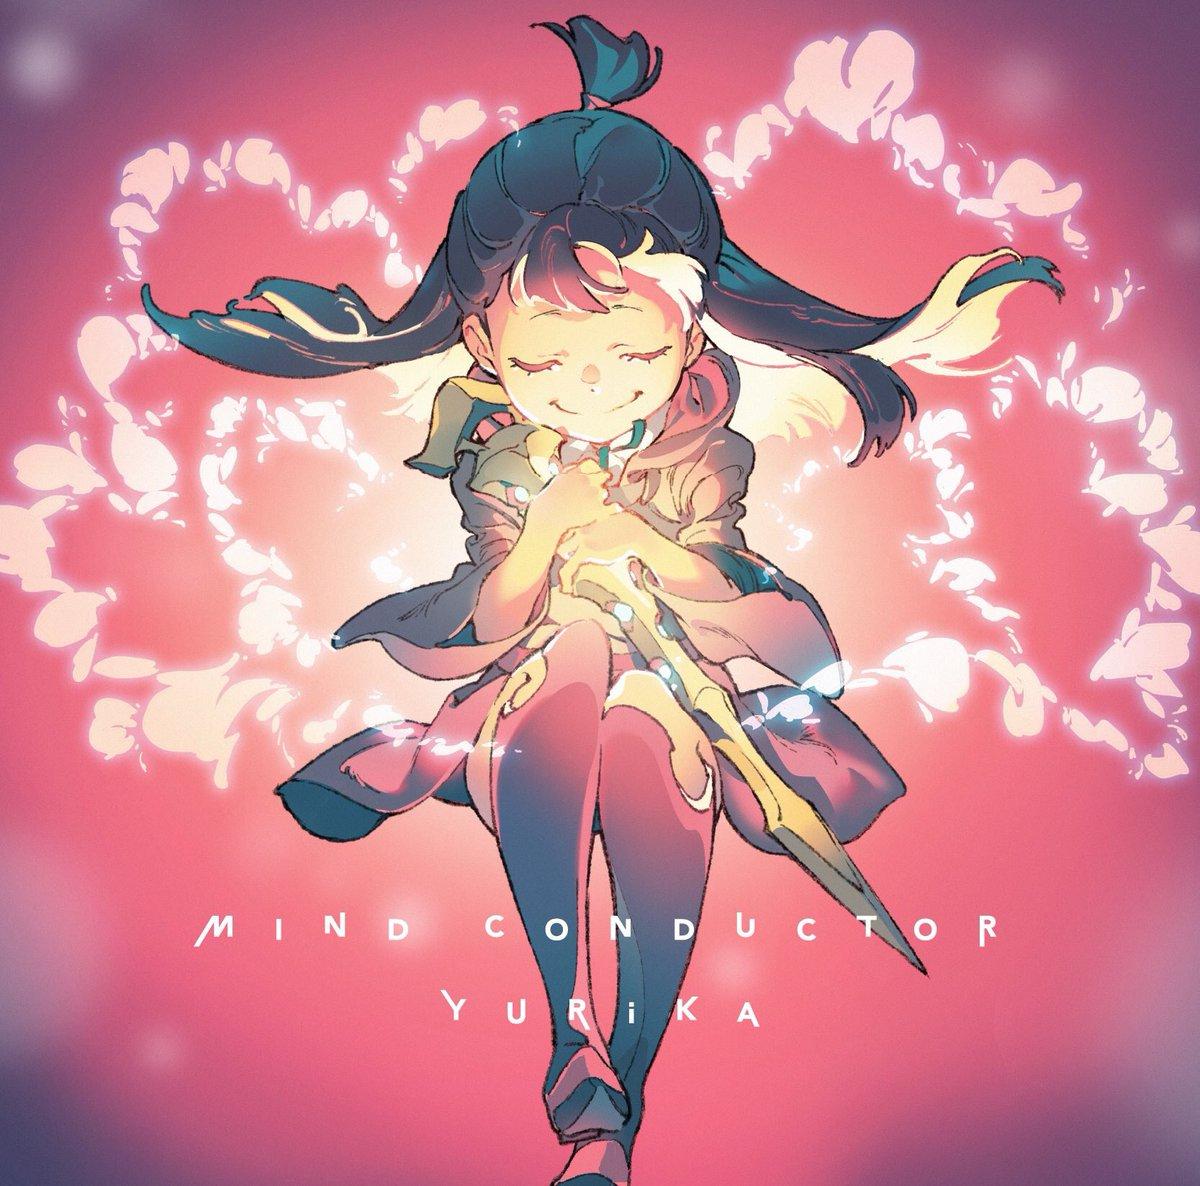 本日はTVアニメ『リトルウィッチアカデミア』第2クールOPテーマYURiKA「MIND CONDUCTOR」、第2クール